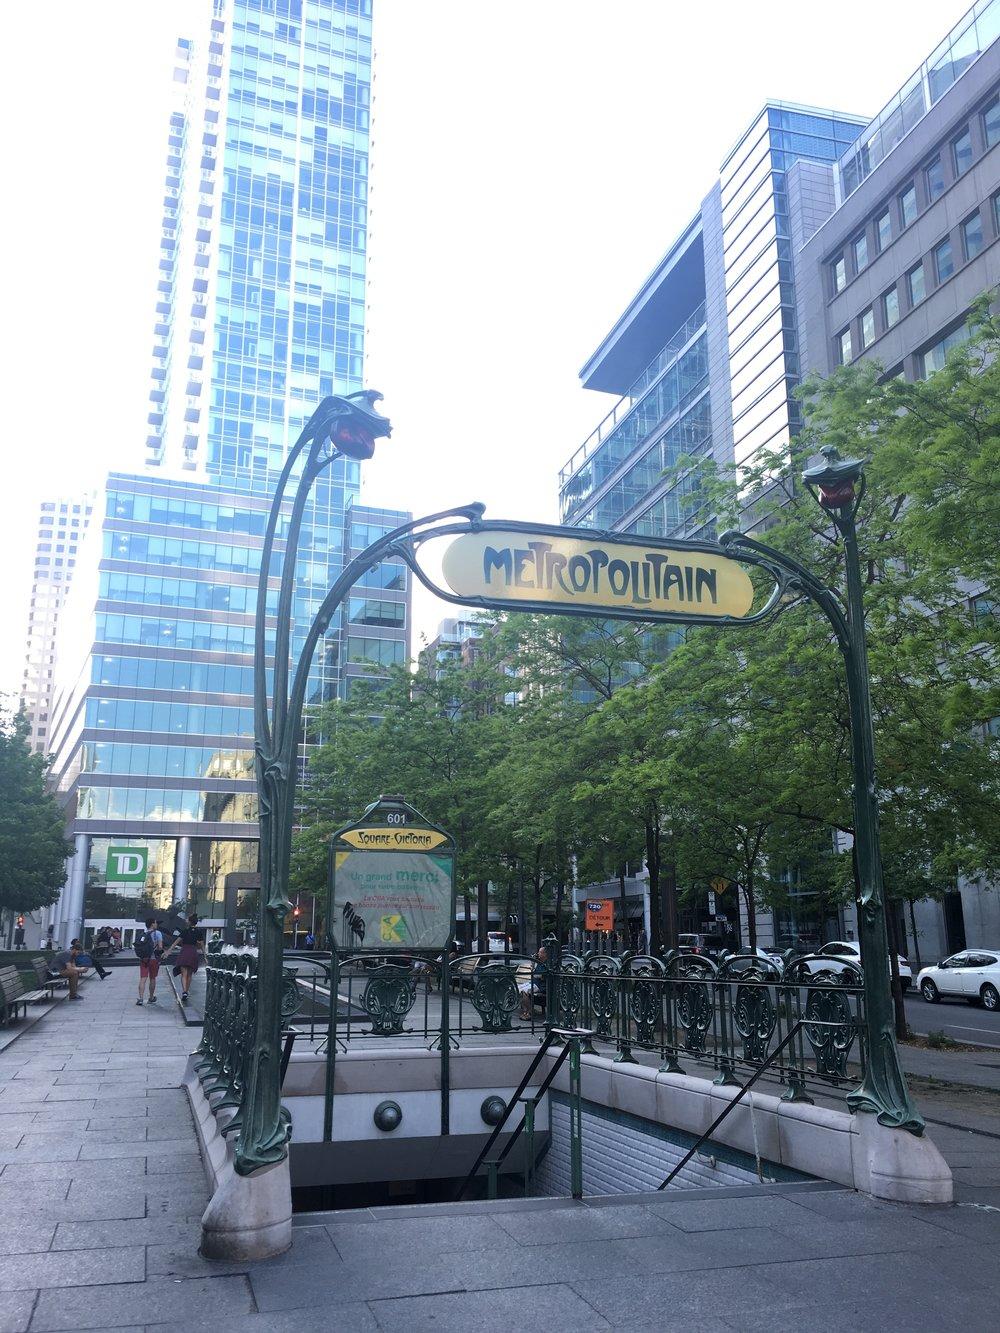 Resemble Paris metro